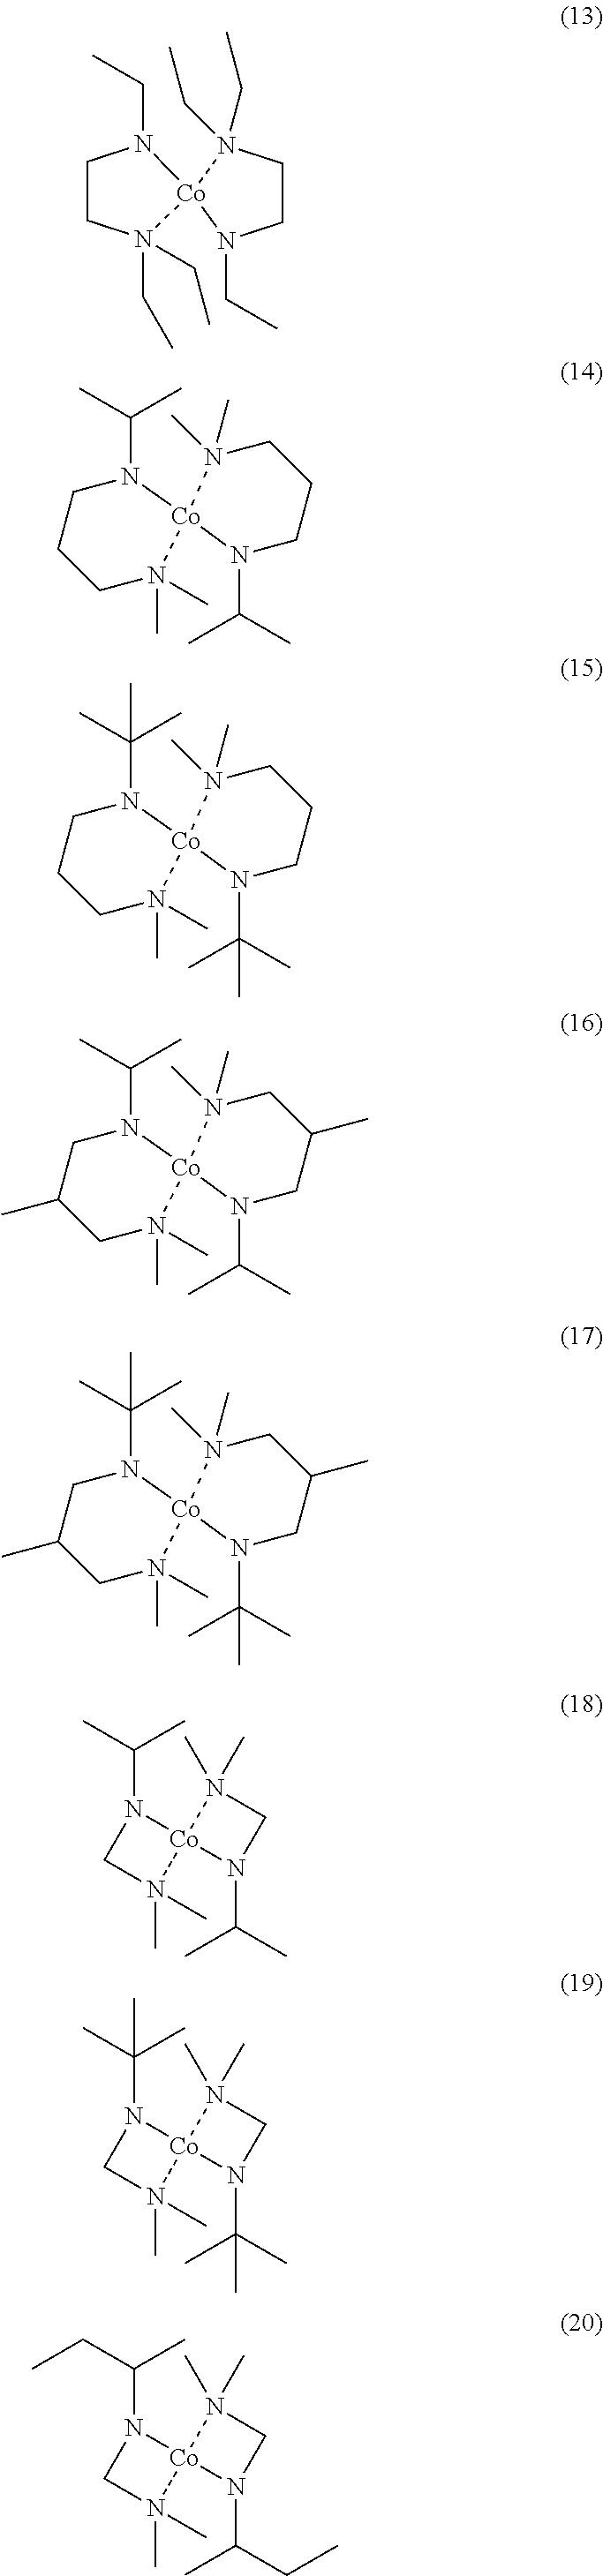 Figure US08871304-20141028-C00096